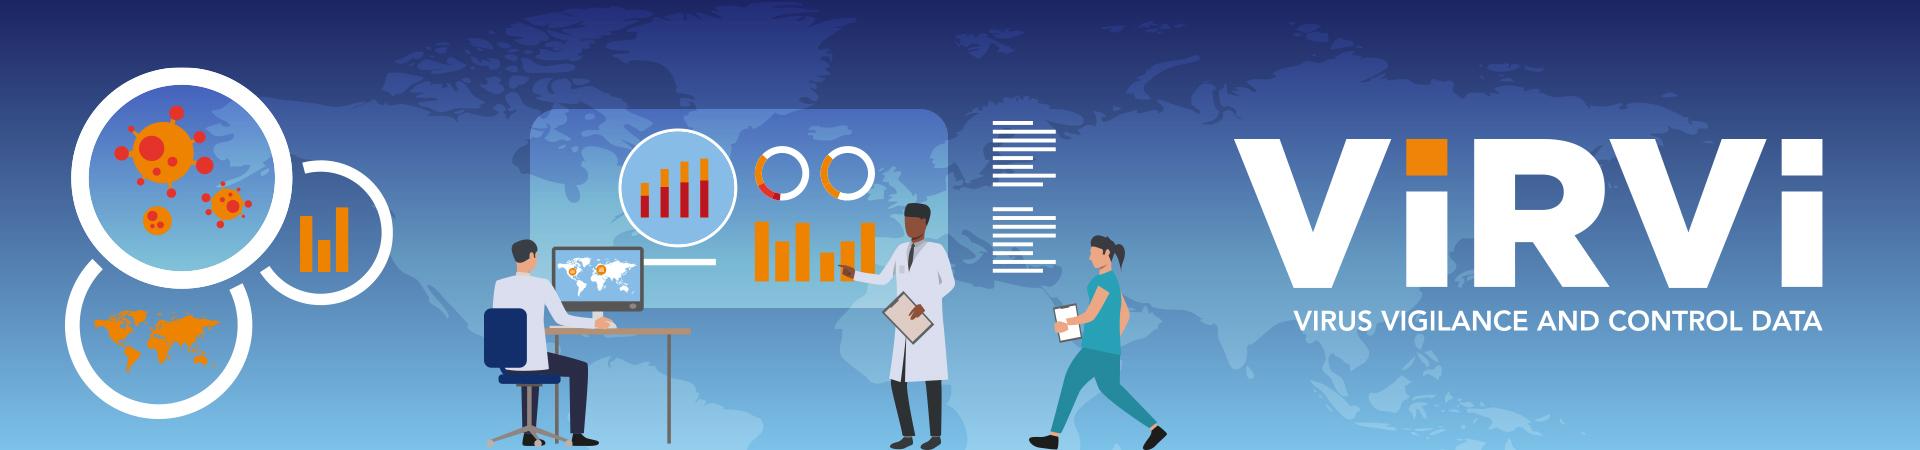 virvi health software system